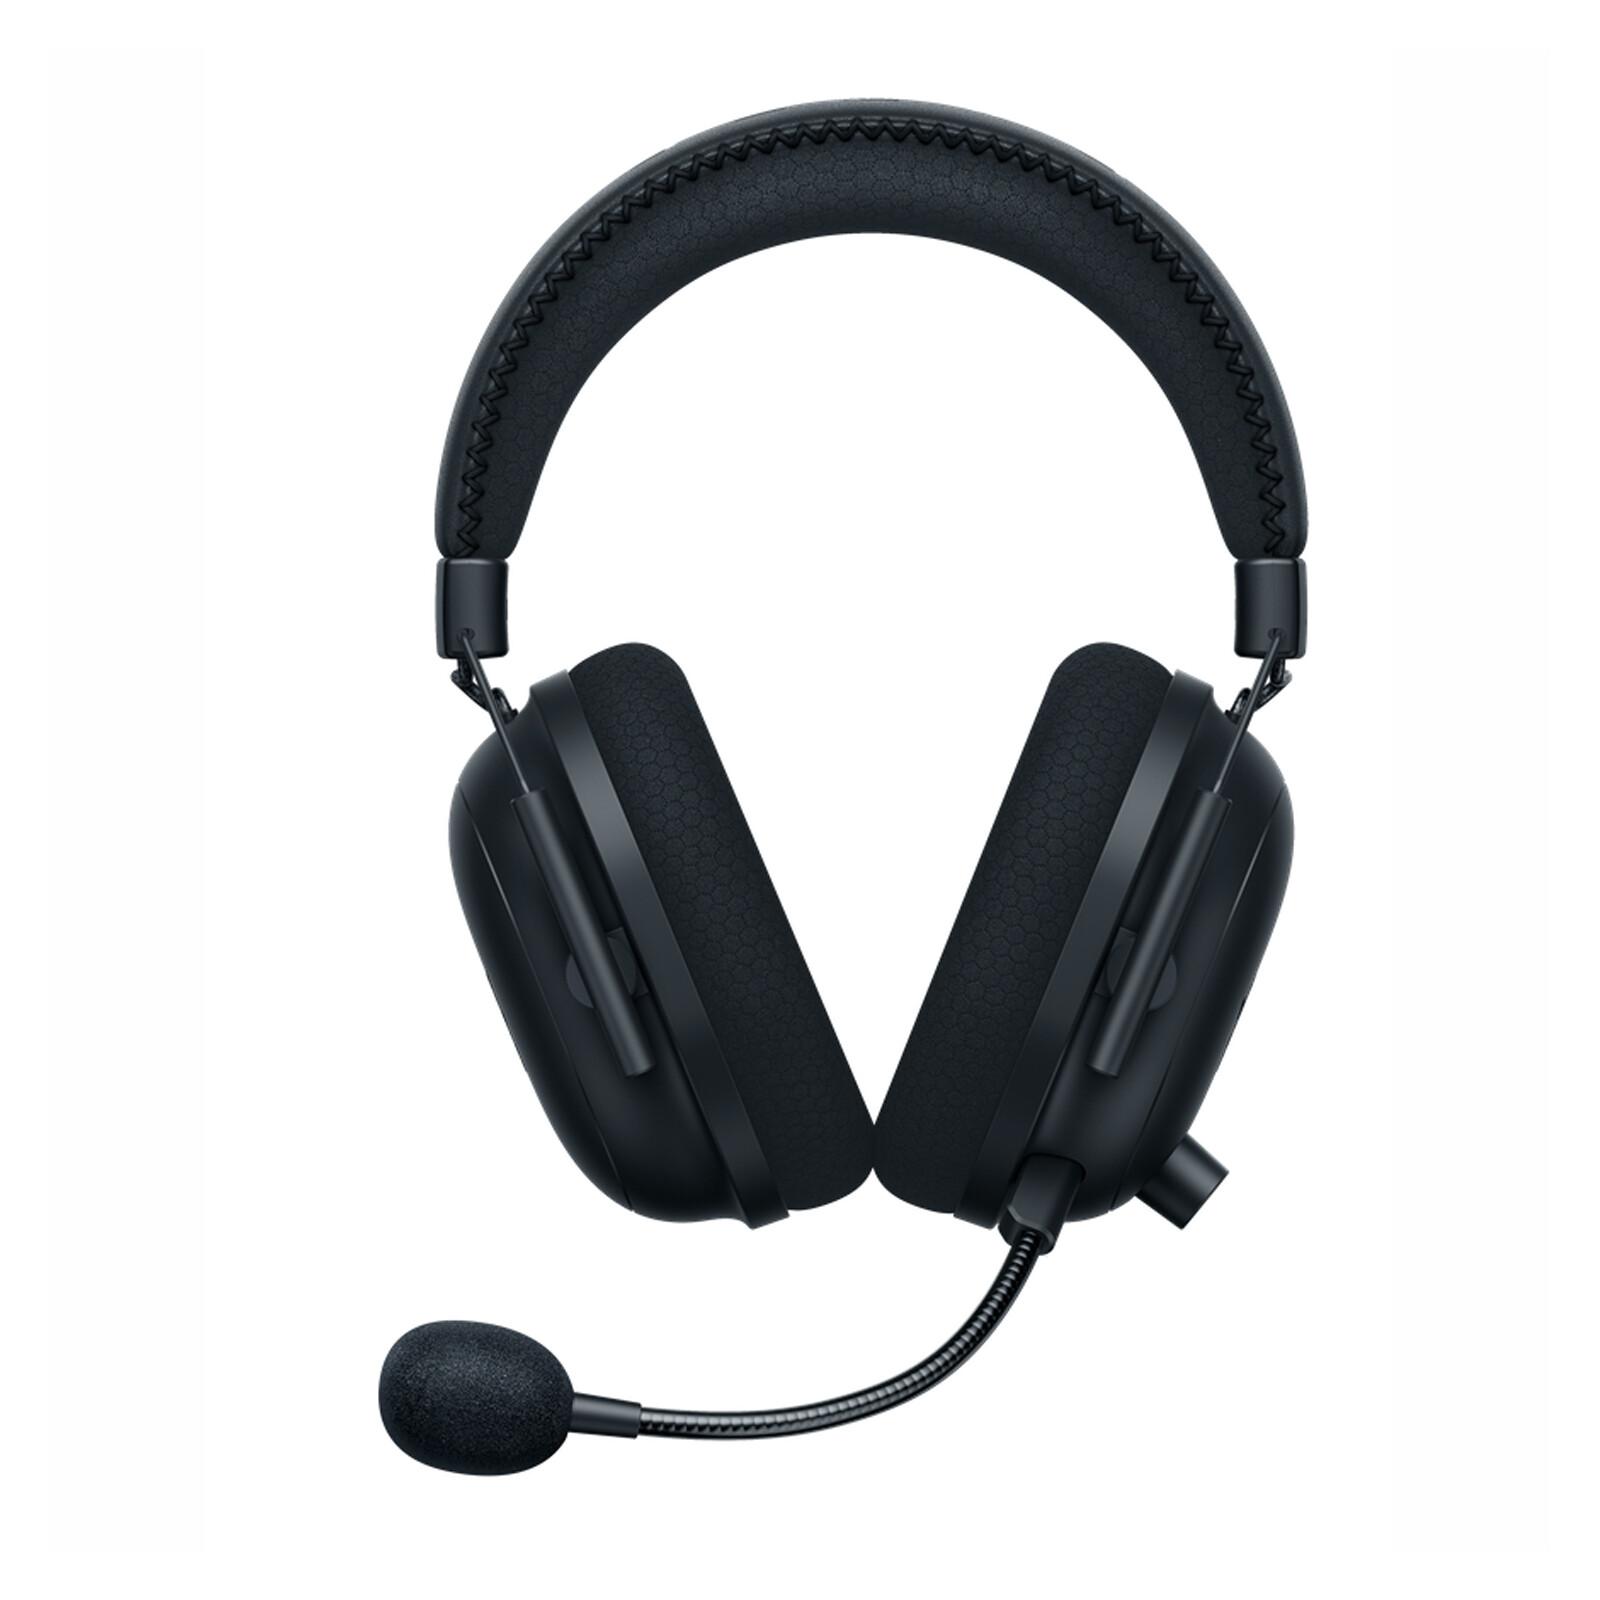 Razer BlackShark V2 Pro Wireless Kopfhörer